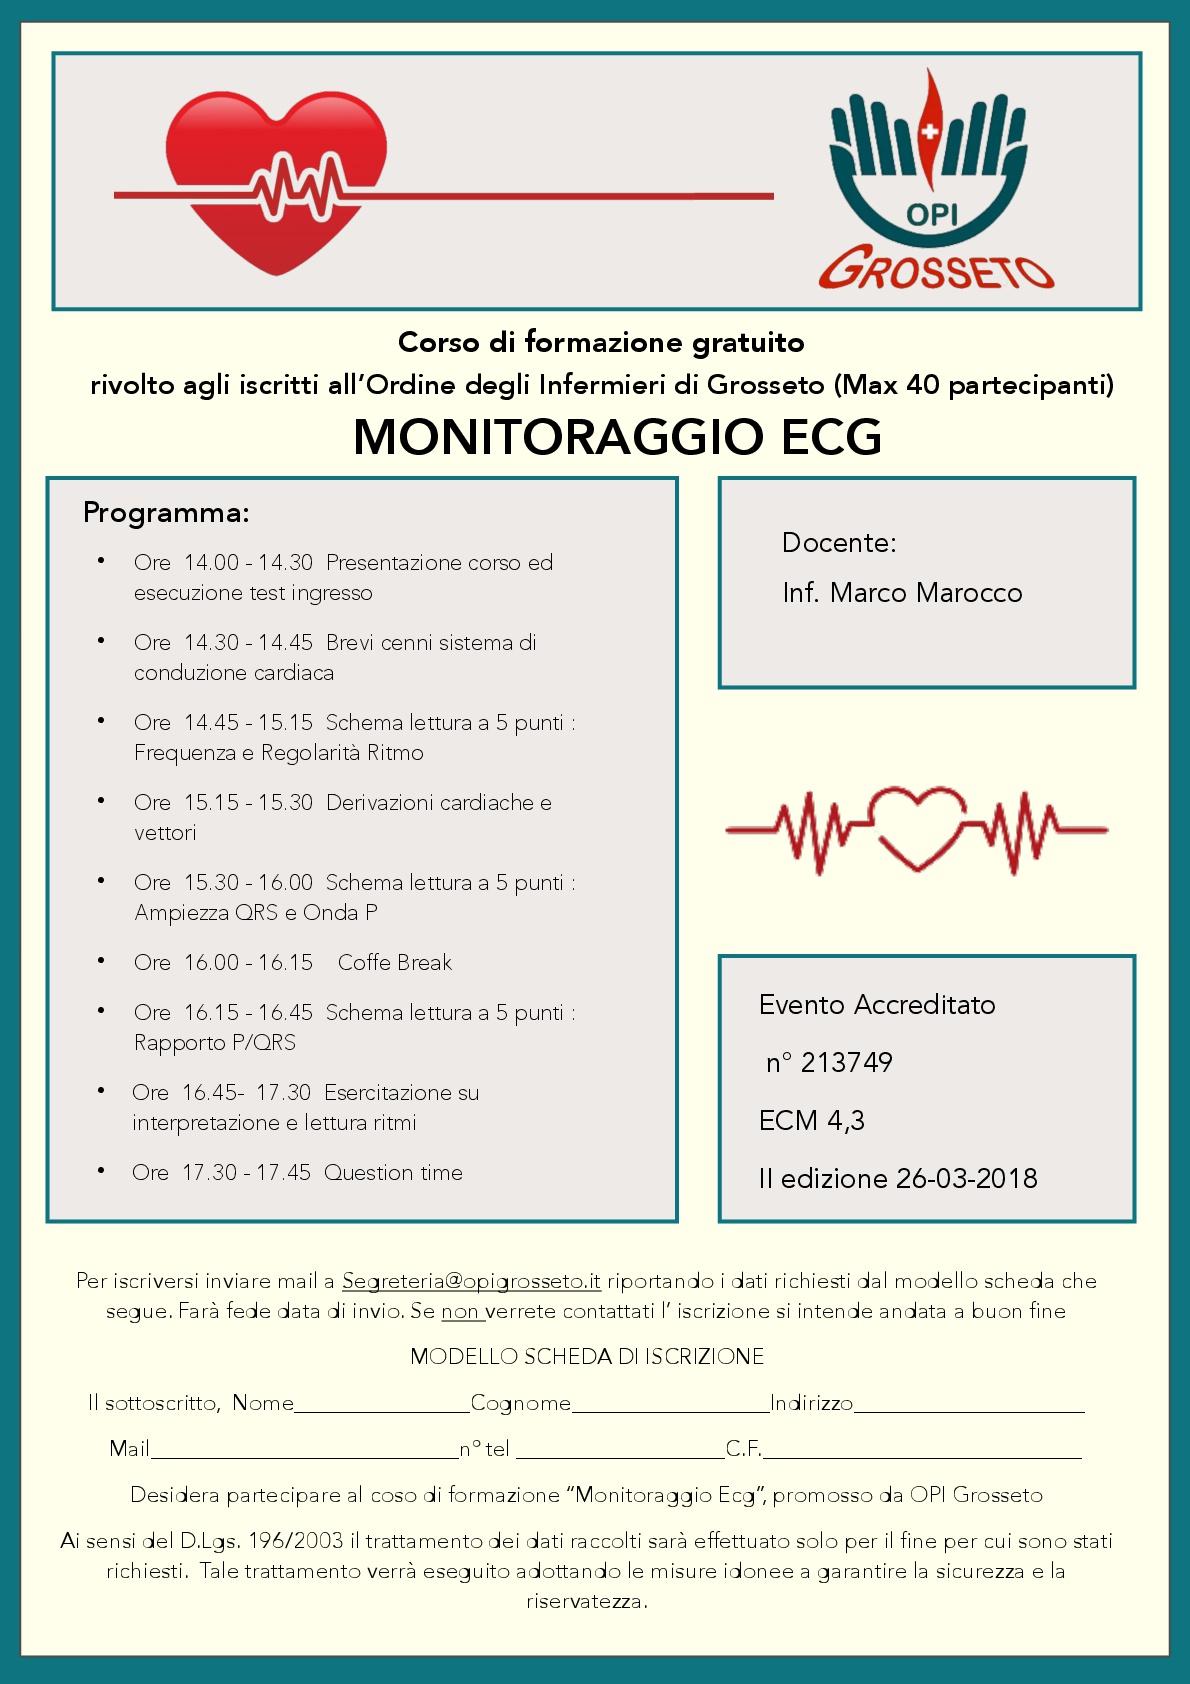 Locandina Monitoraggio ECG 001